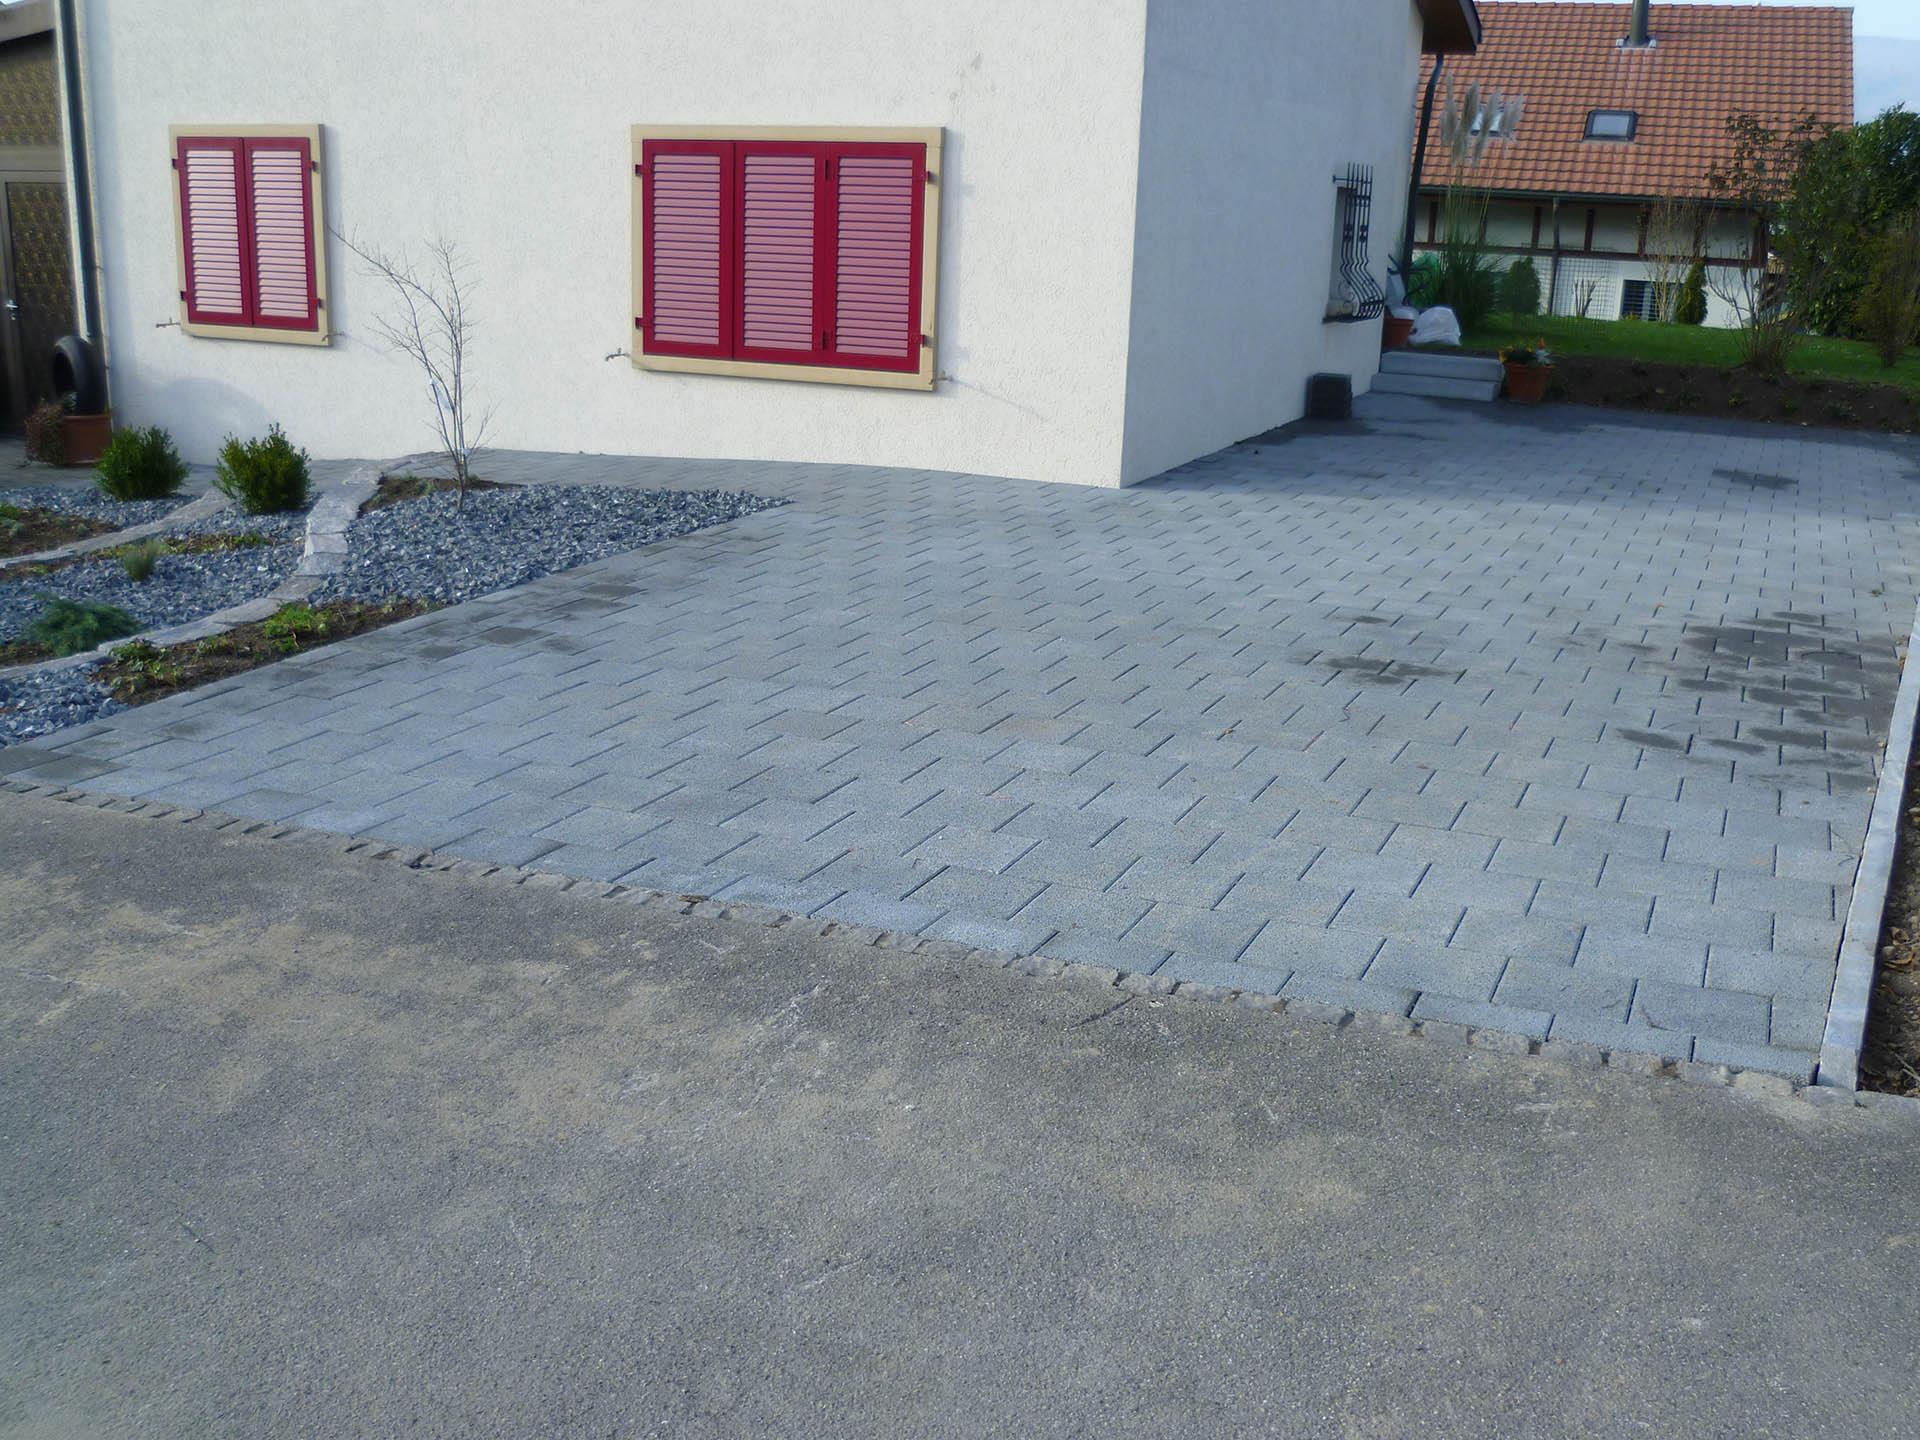 Vogel Babylonstrasse Neuendorfgarten 014